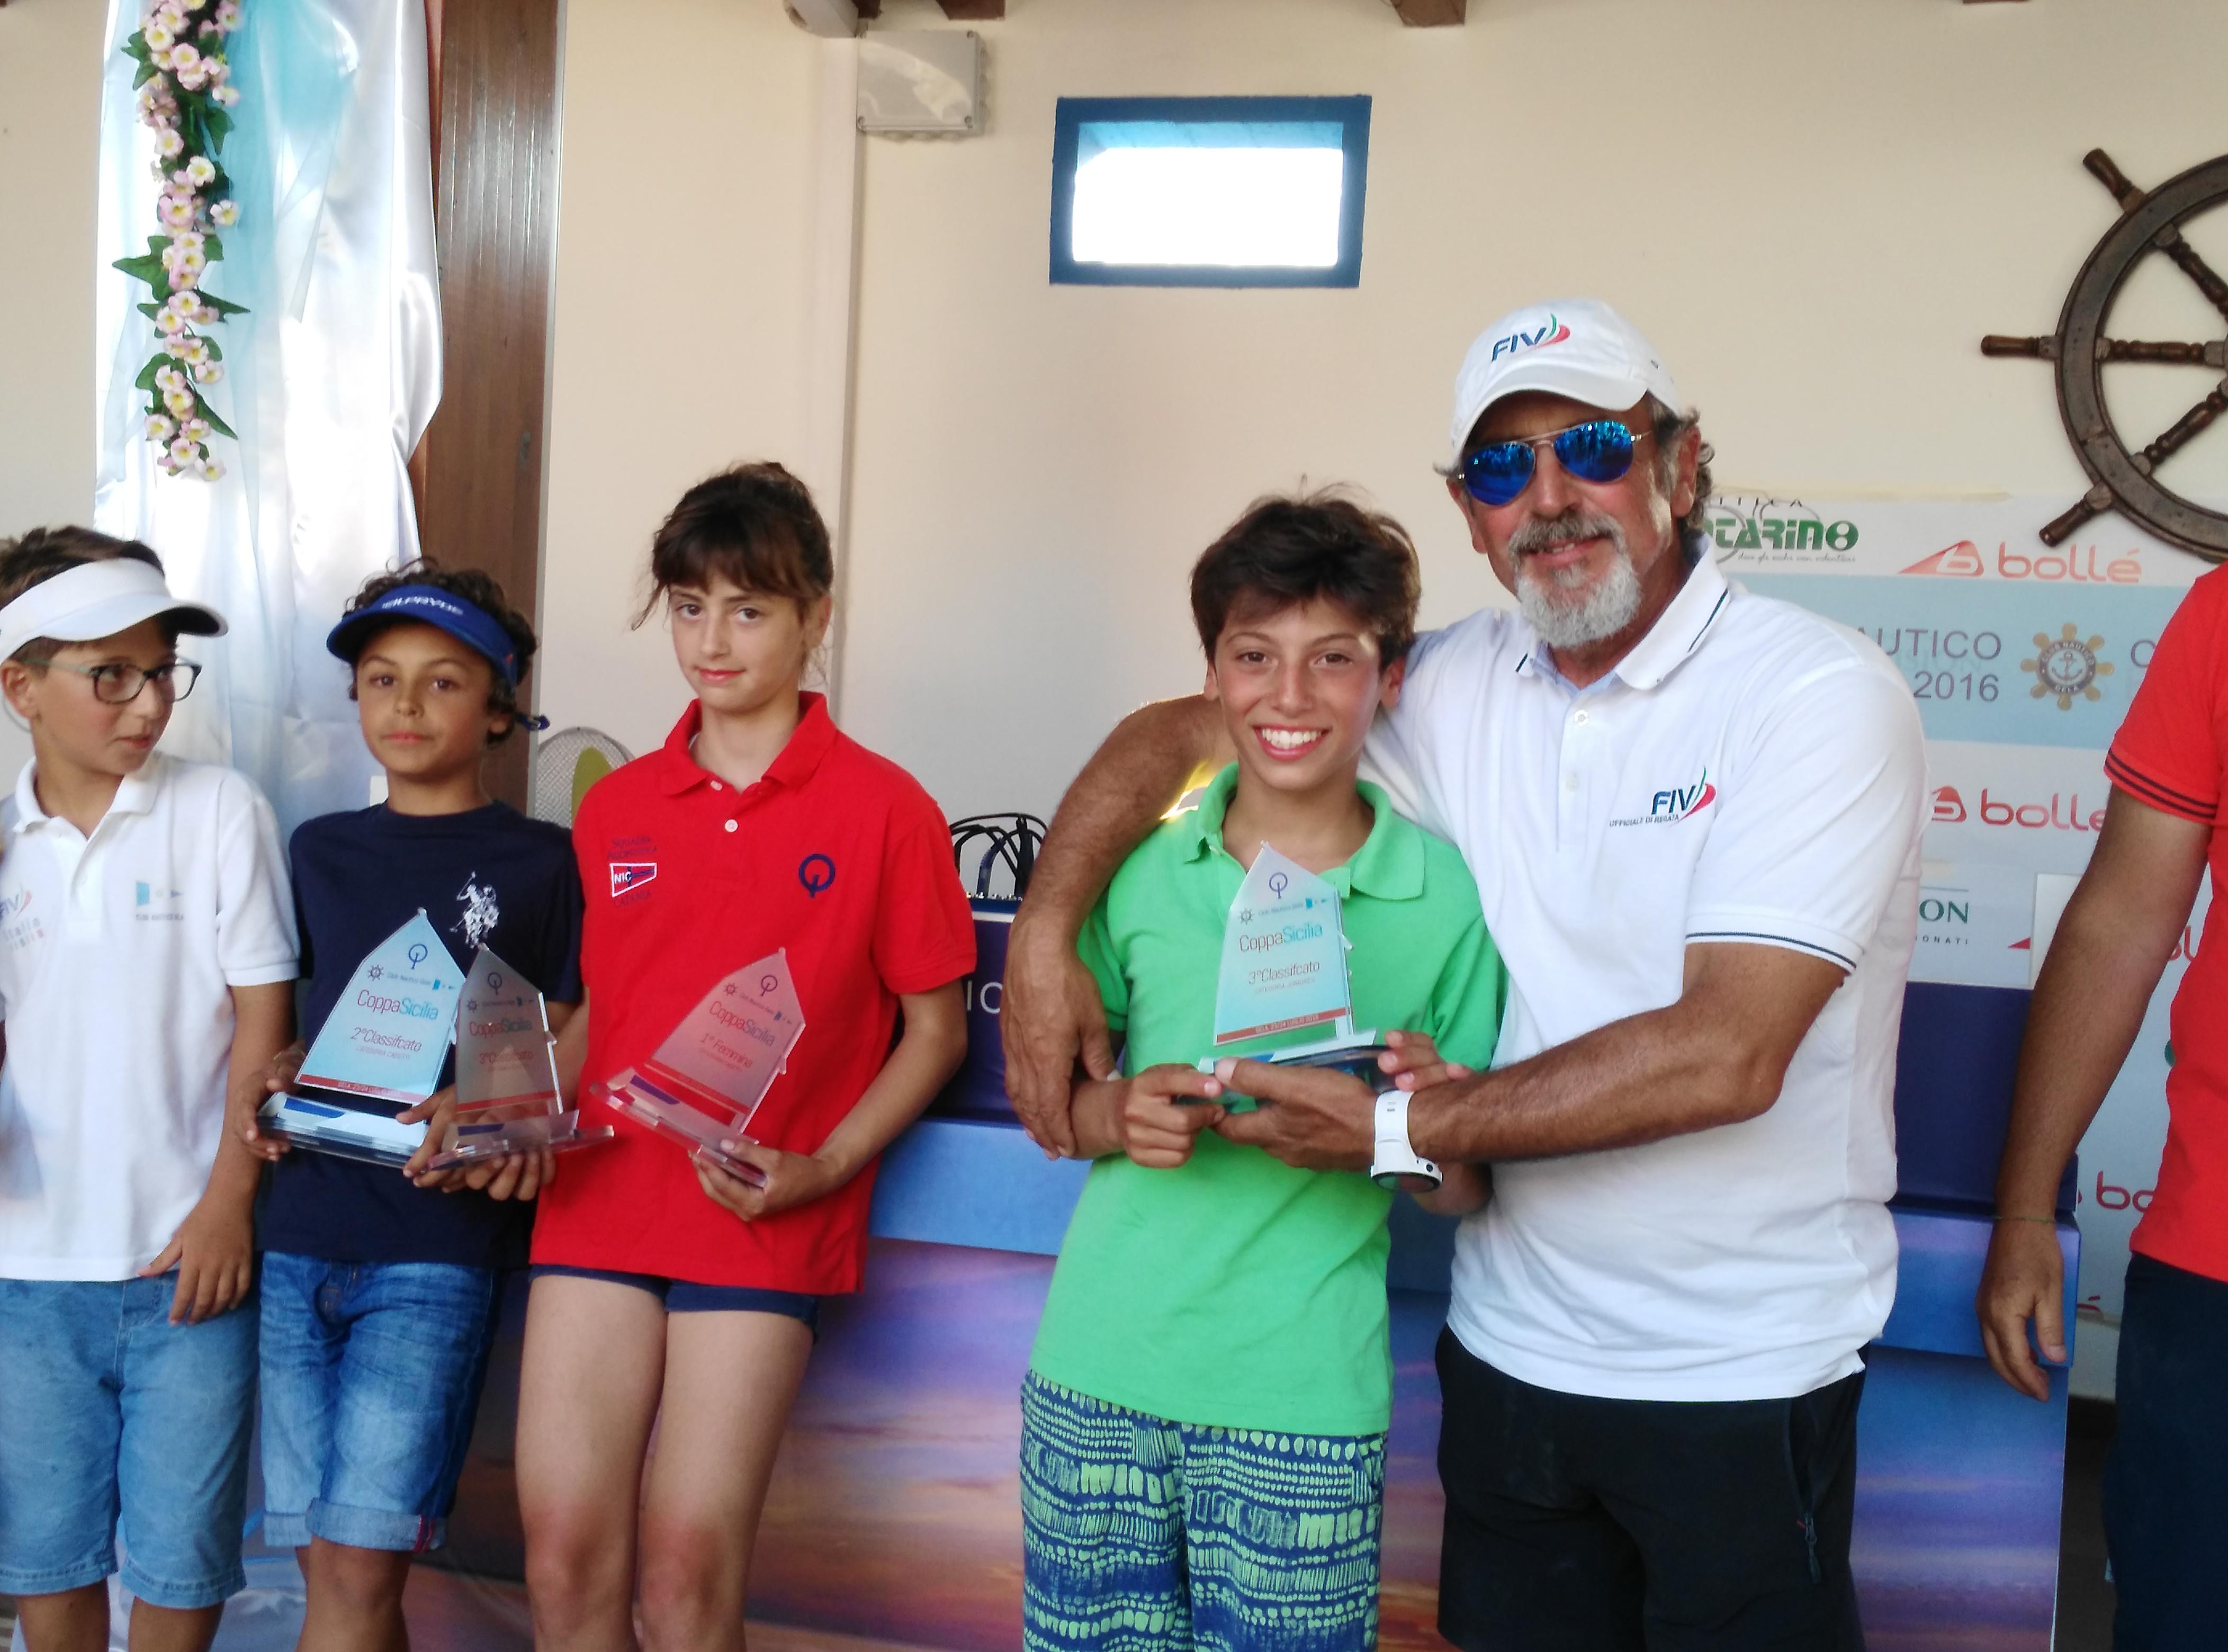 Coppa Sicilia: sul podio gli atleti della Canottieri Marsala